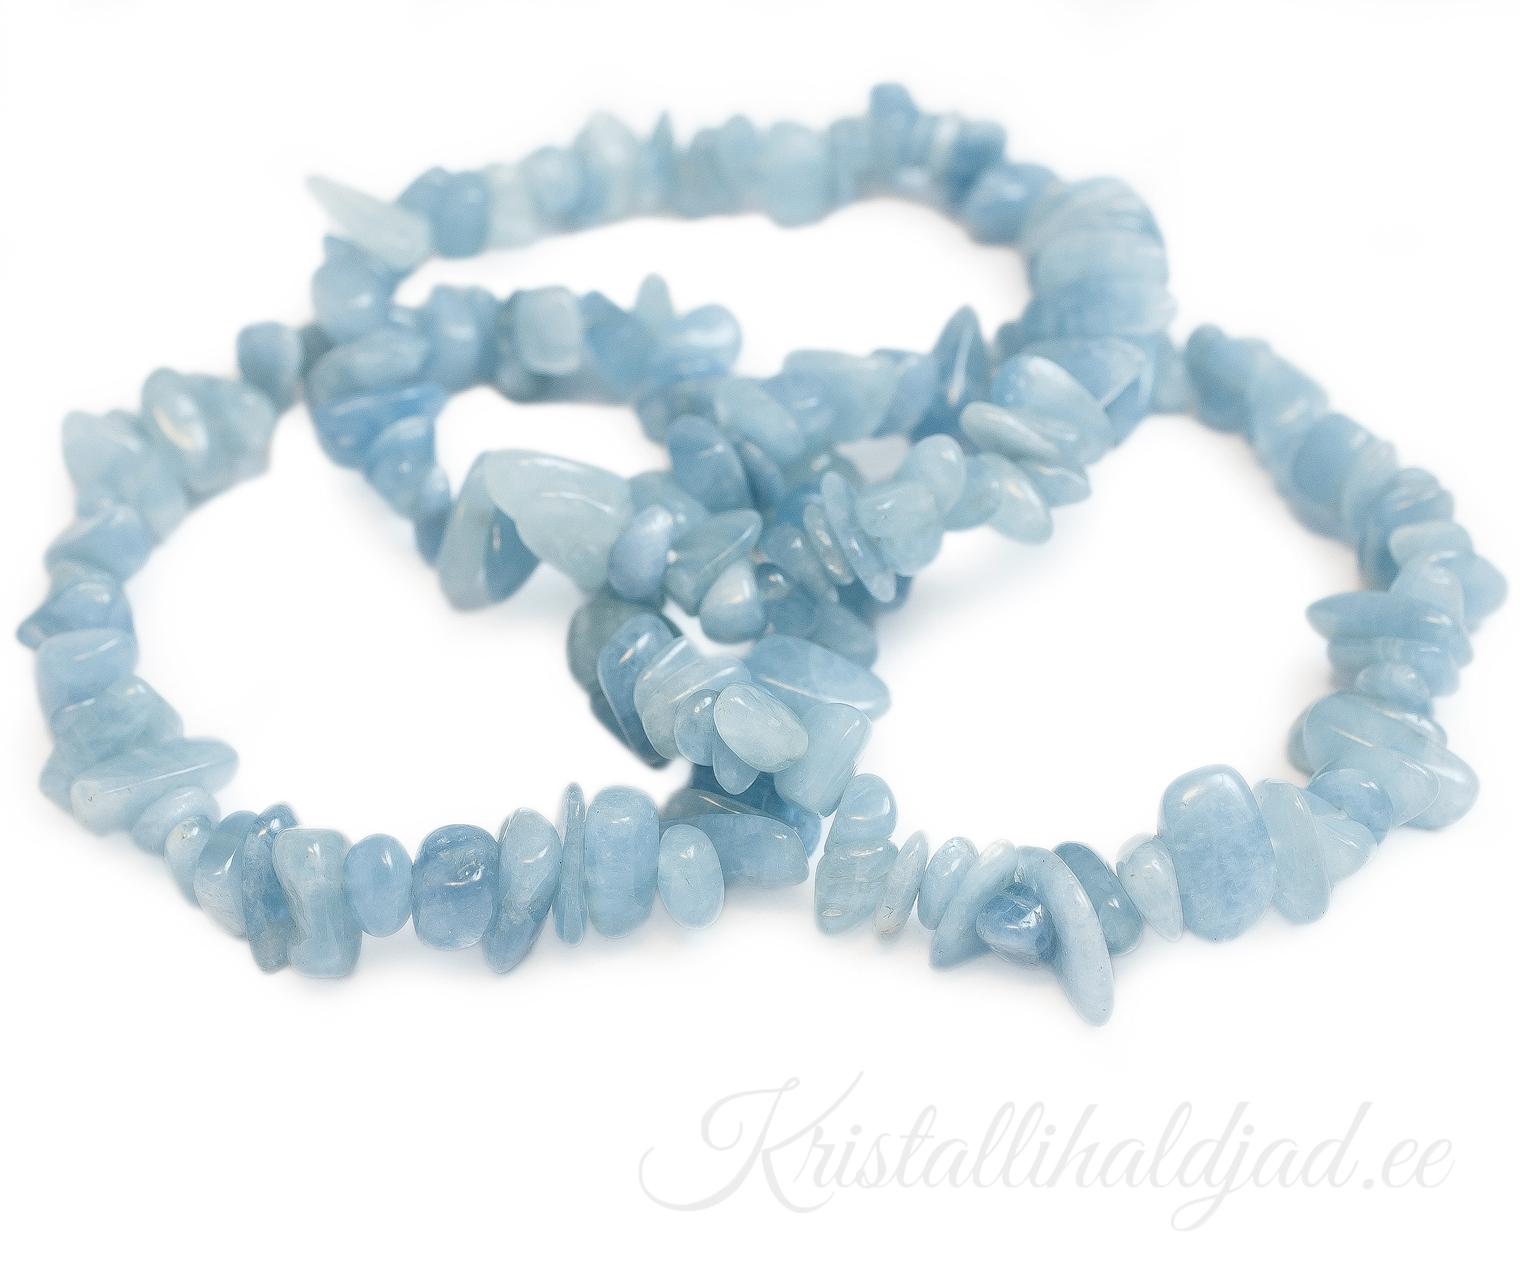 fc5044f9ed1 Akvamariin - Kristallihaldjad